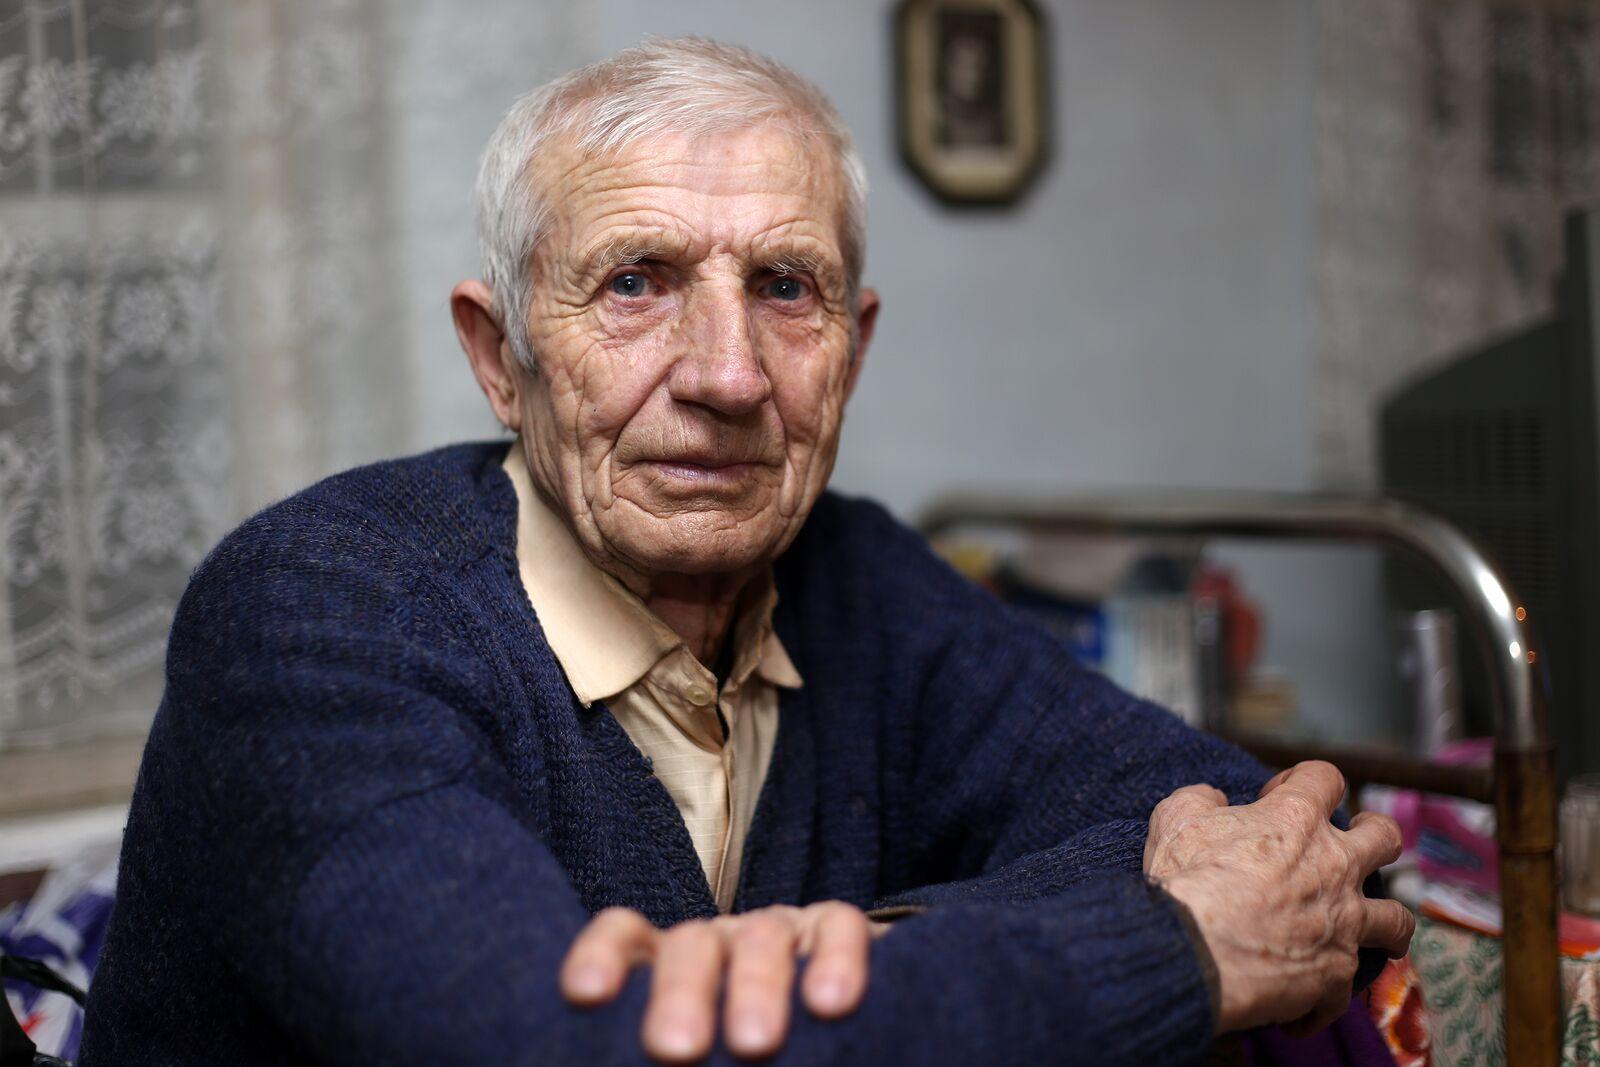 Elderly Care in Oakmont PA: Alzheimer's Care